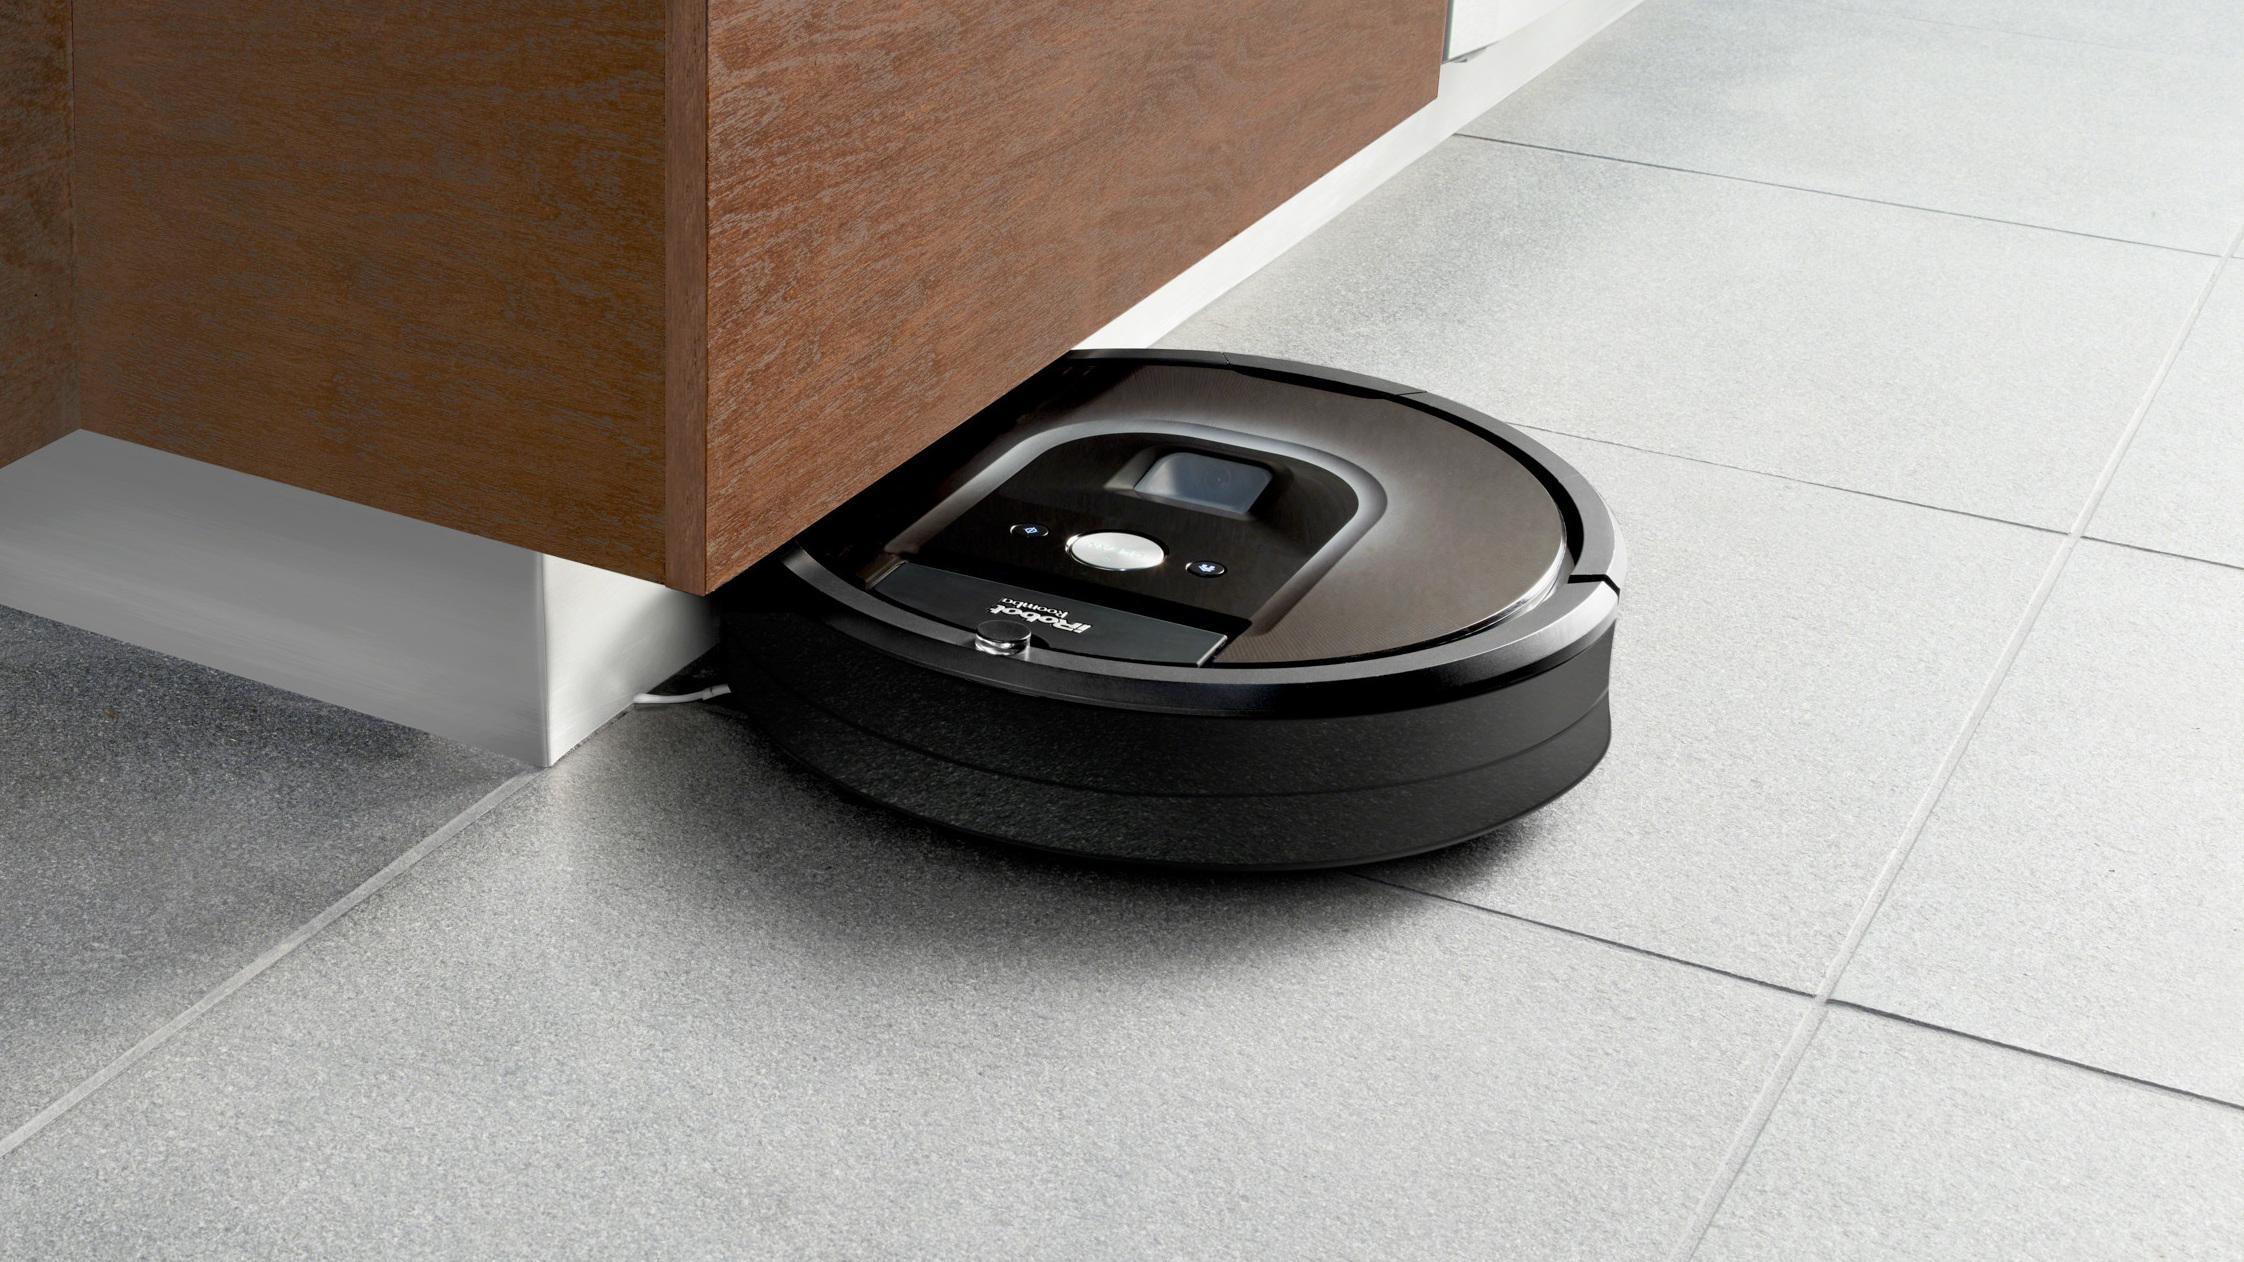 Roomba vil bruke robotstøvsugeren til å kartlegge WiFi-dekningen i hjemmet ditt